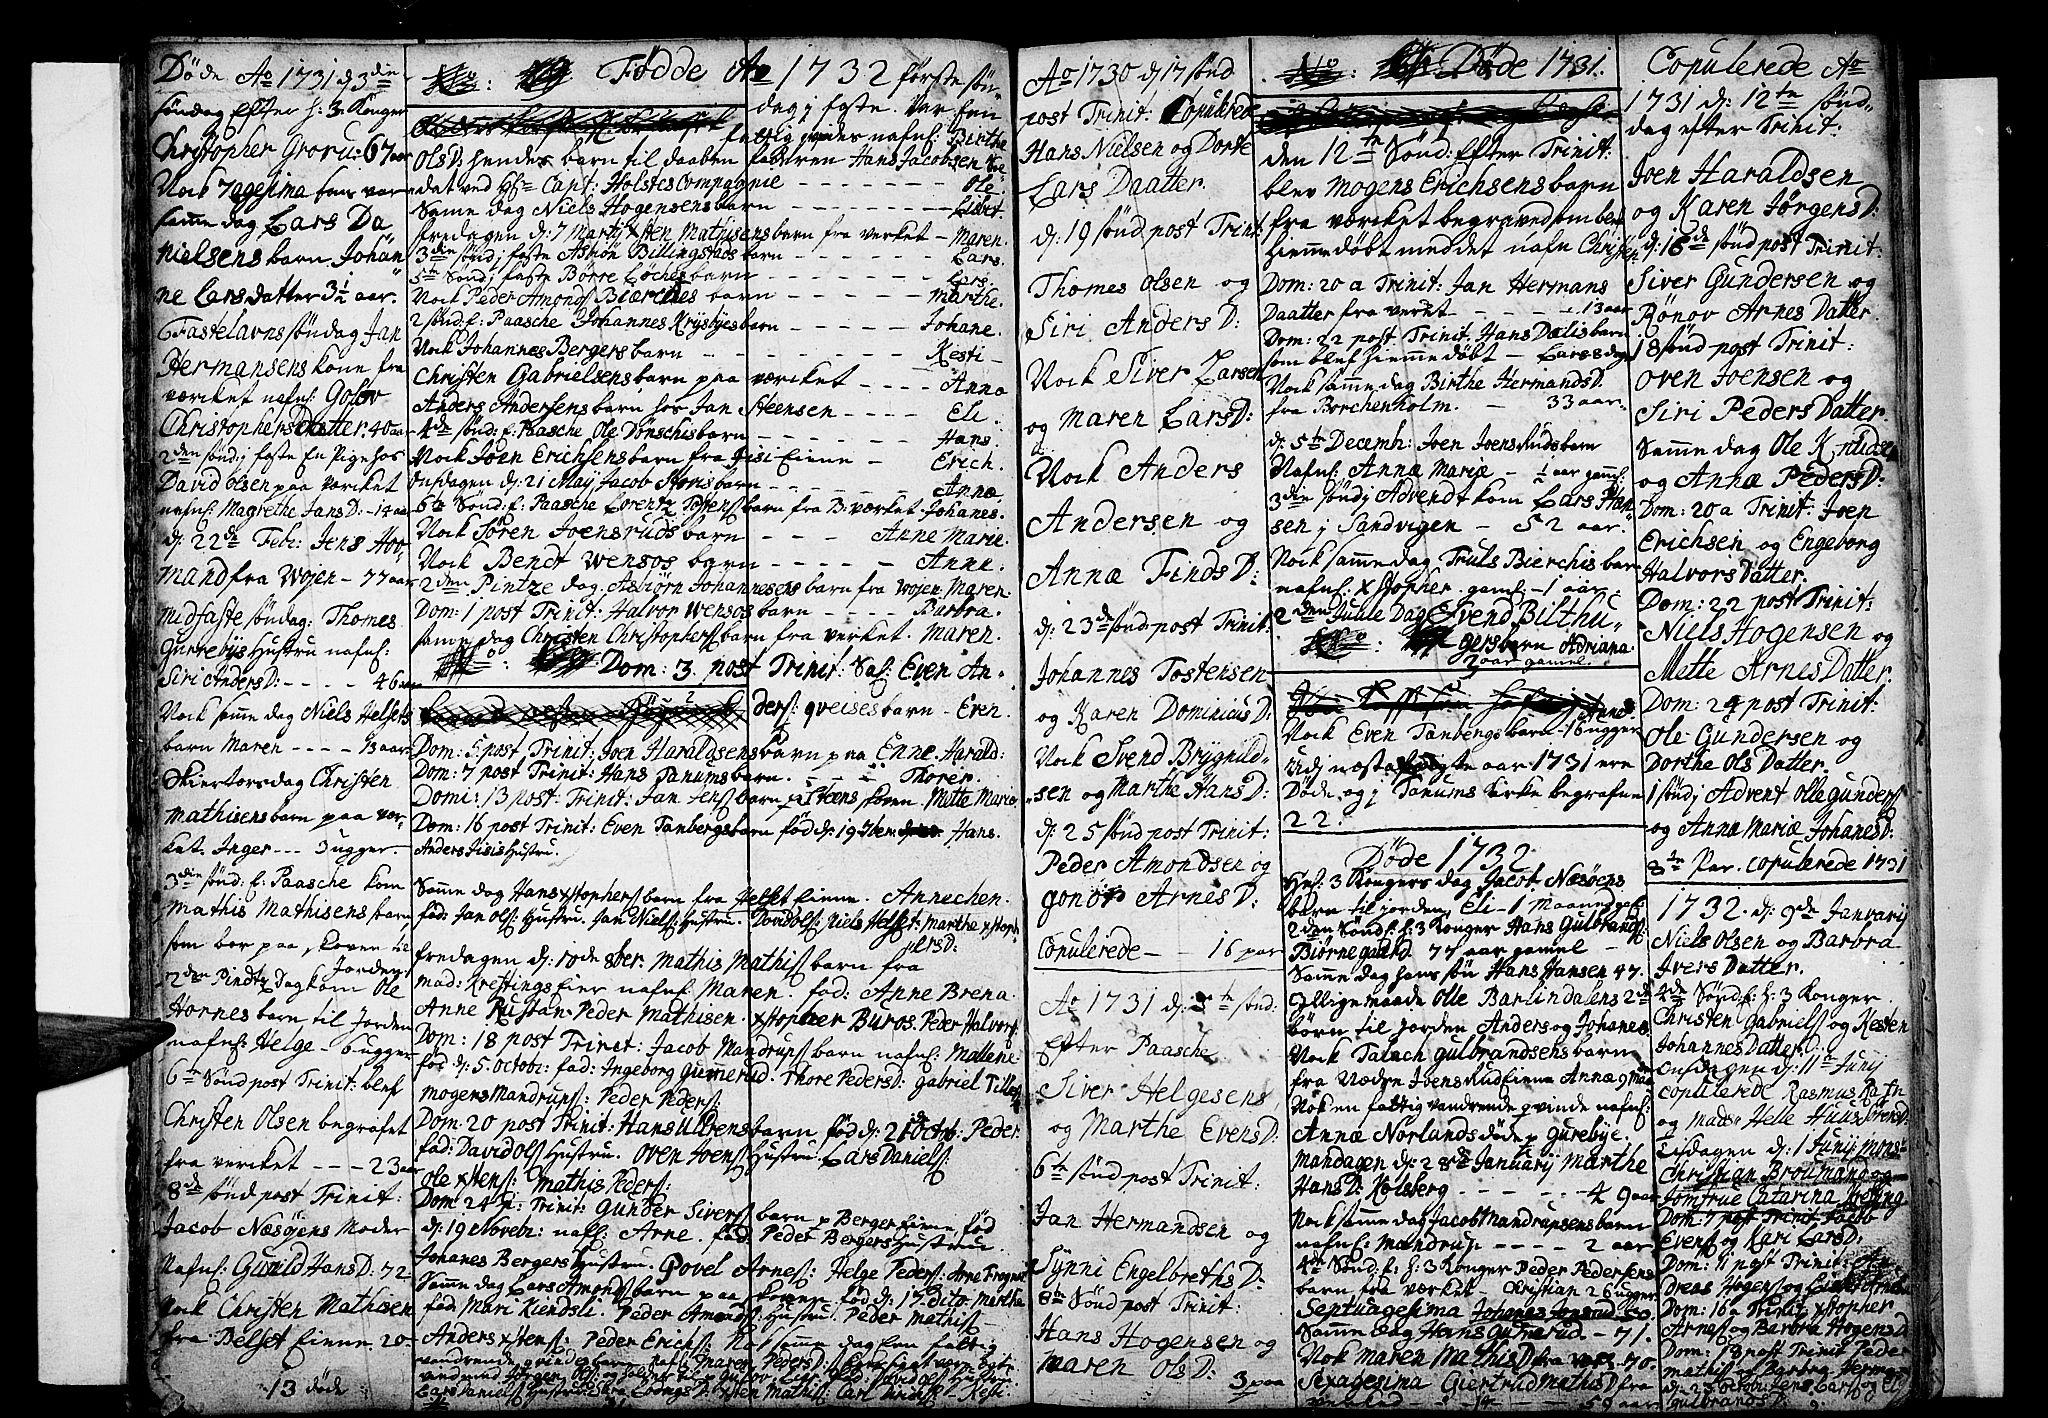 SAO, Asker prestekontor Kirkebøker, F/Fa/L0001: Ministerialbok nr. I 1, 1726-1744, s. 18